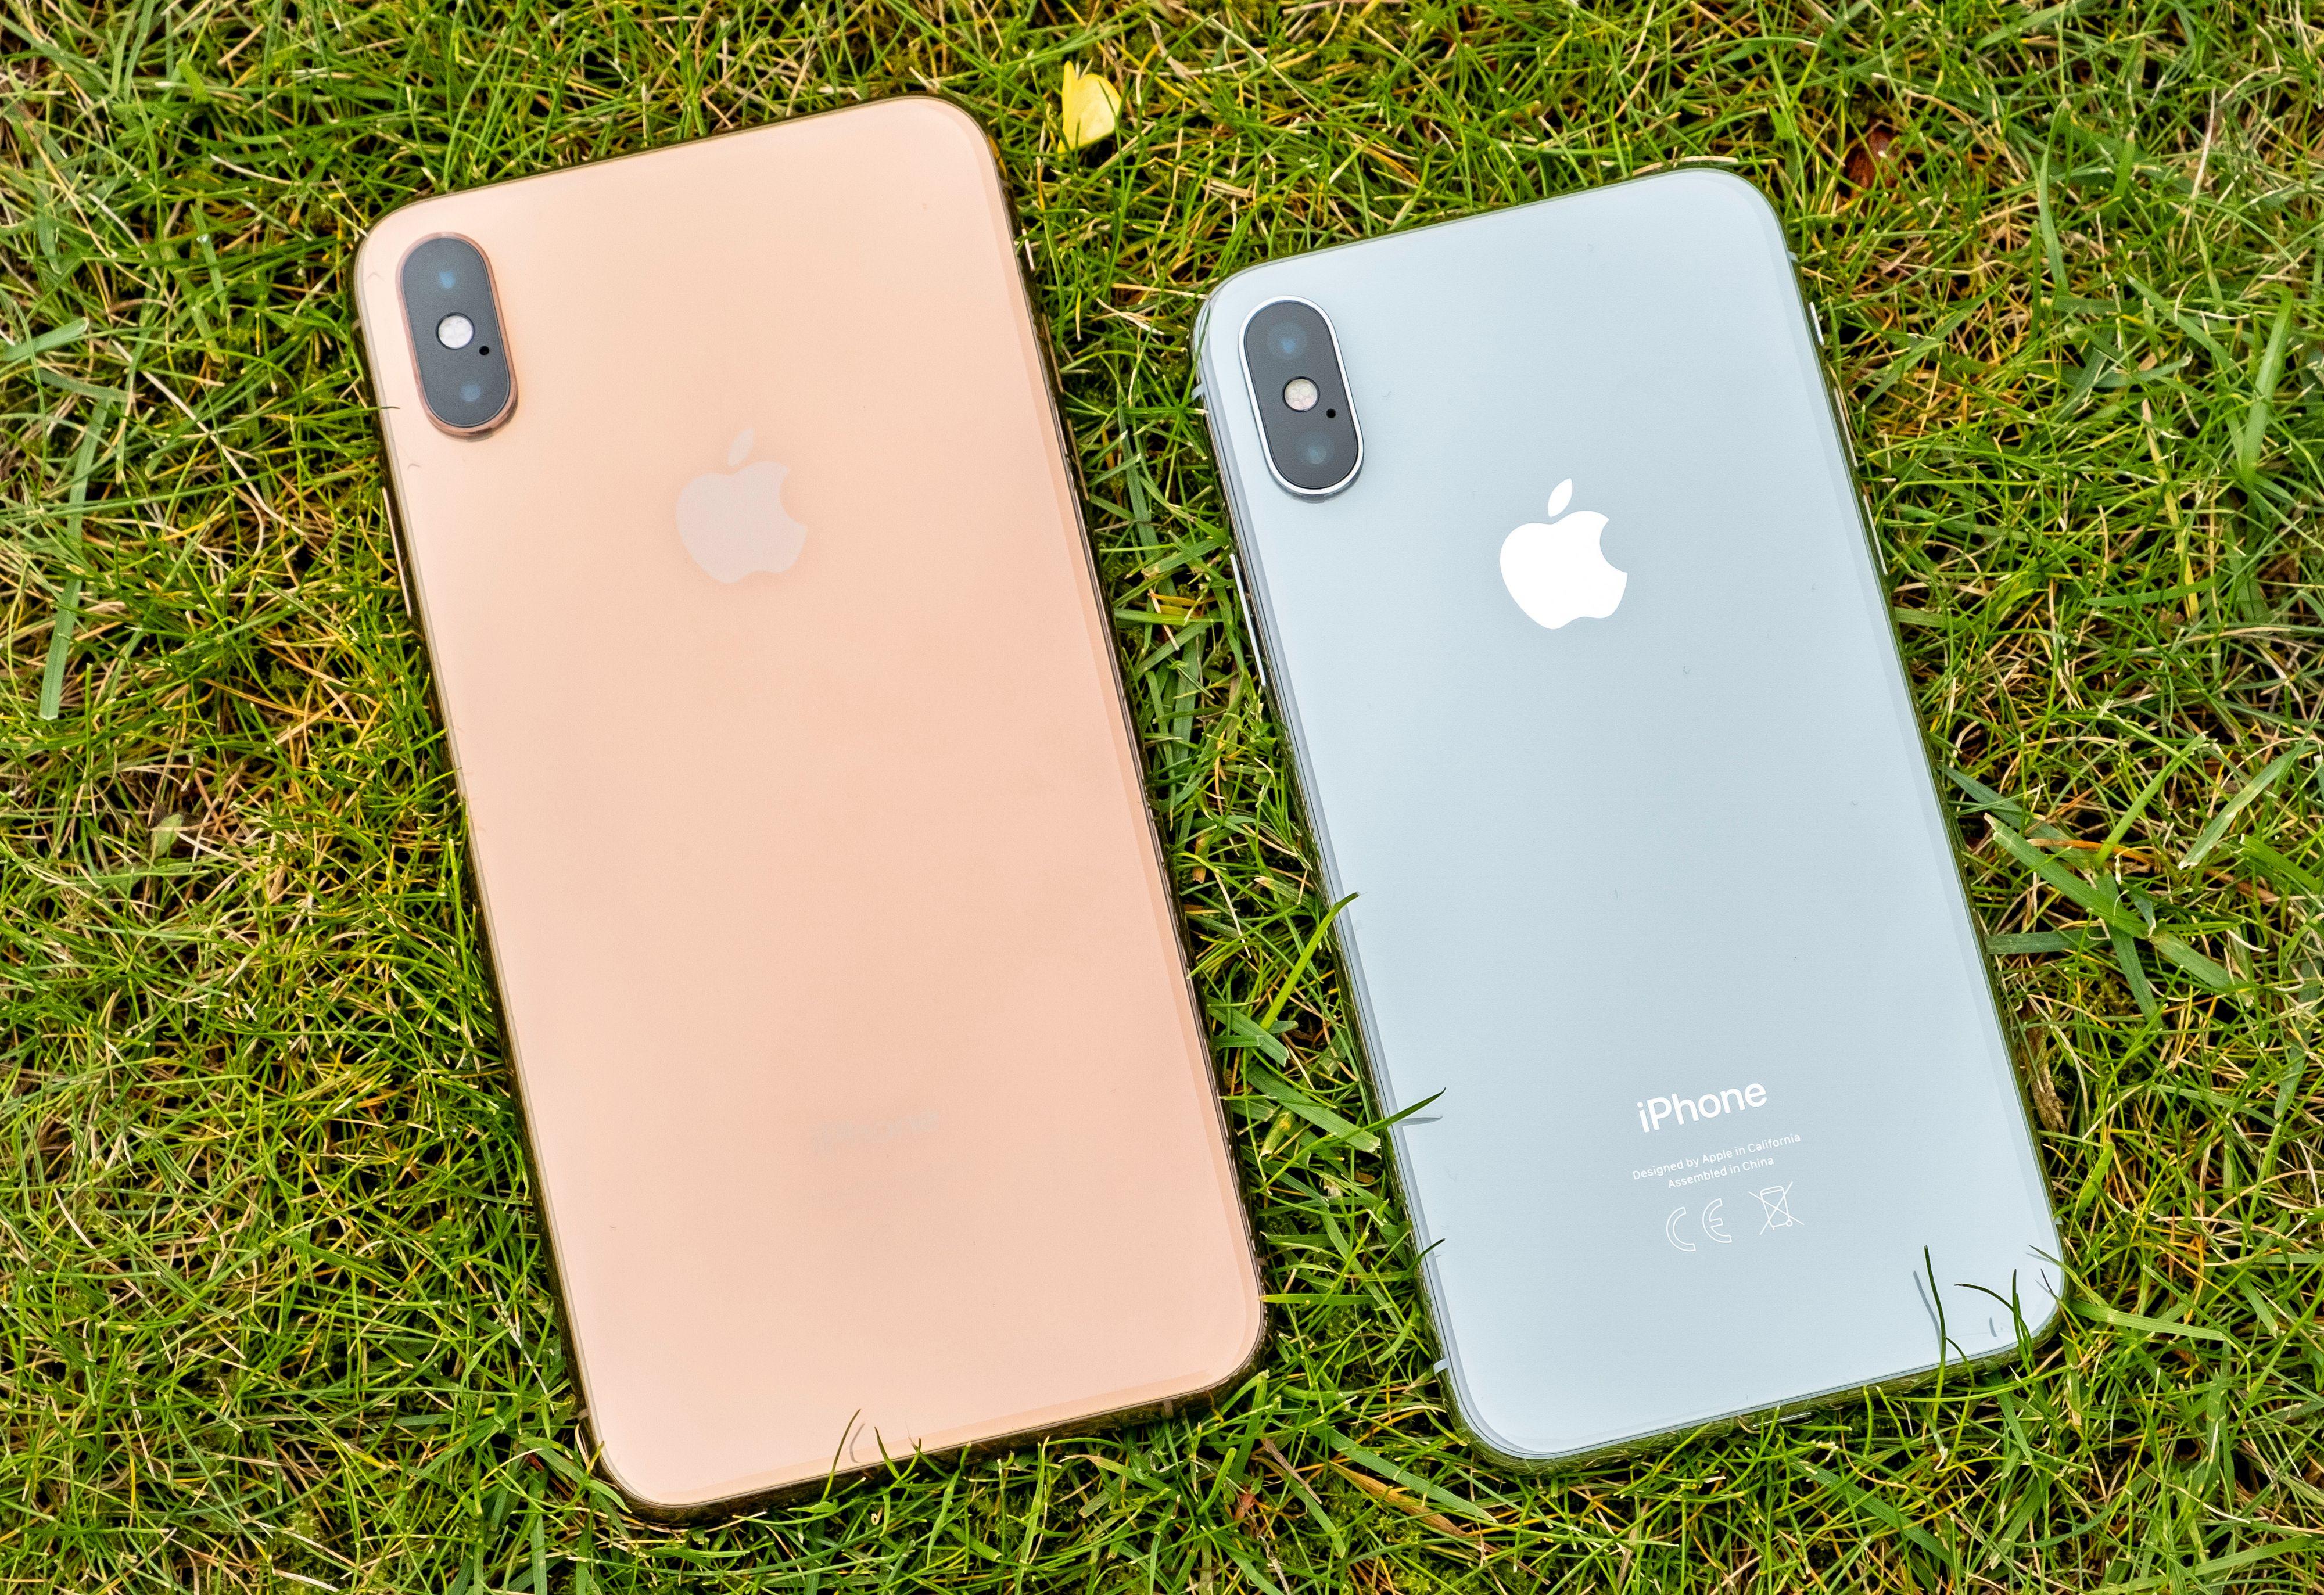 Gullvariant av iPhone Xz Max ved siden av iPhone X. Jepp – Maxen lever opp til navnet, men så får du også betydelig mer skjerm og en hel del mer lyd enn i den minste modellen.